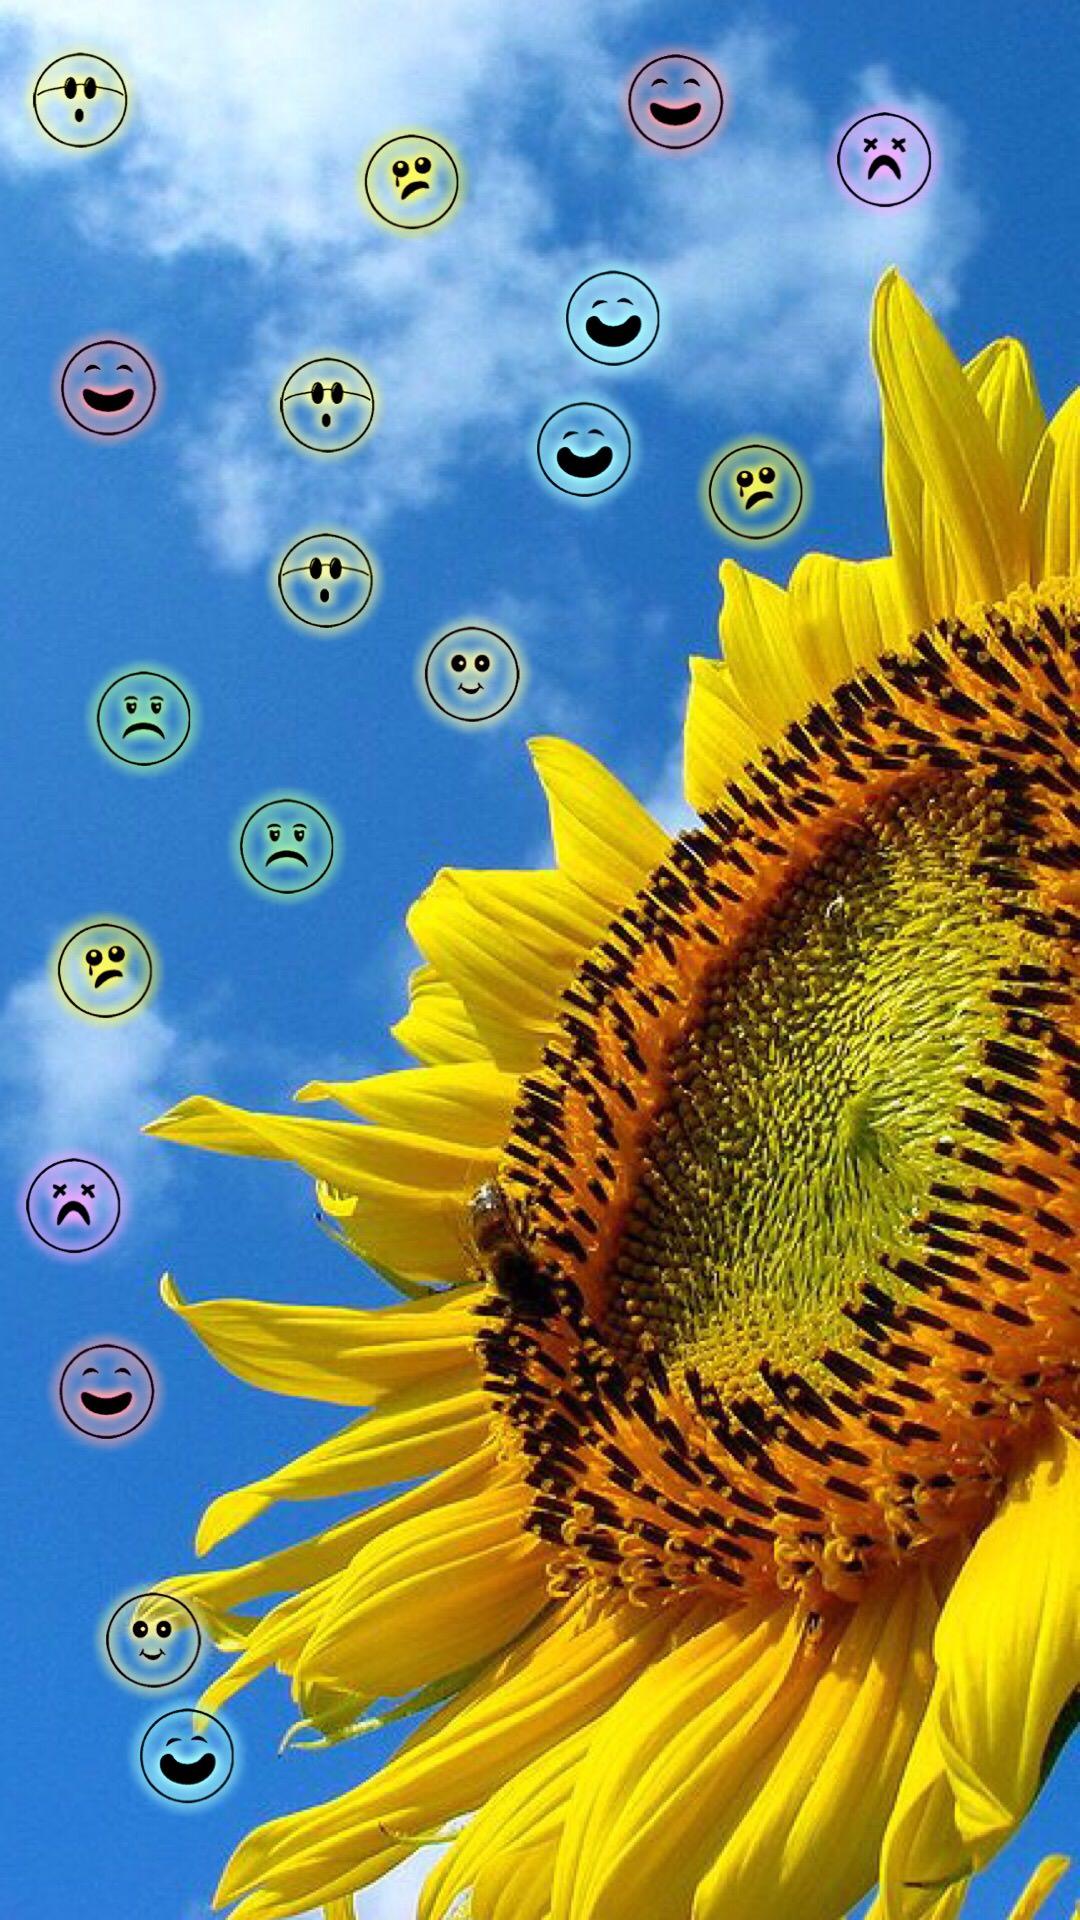 Gambar Bunga Matahari Pinterest Gambar Bunga